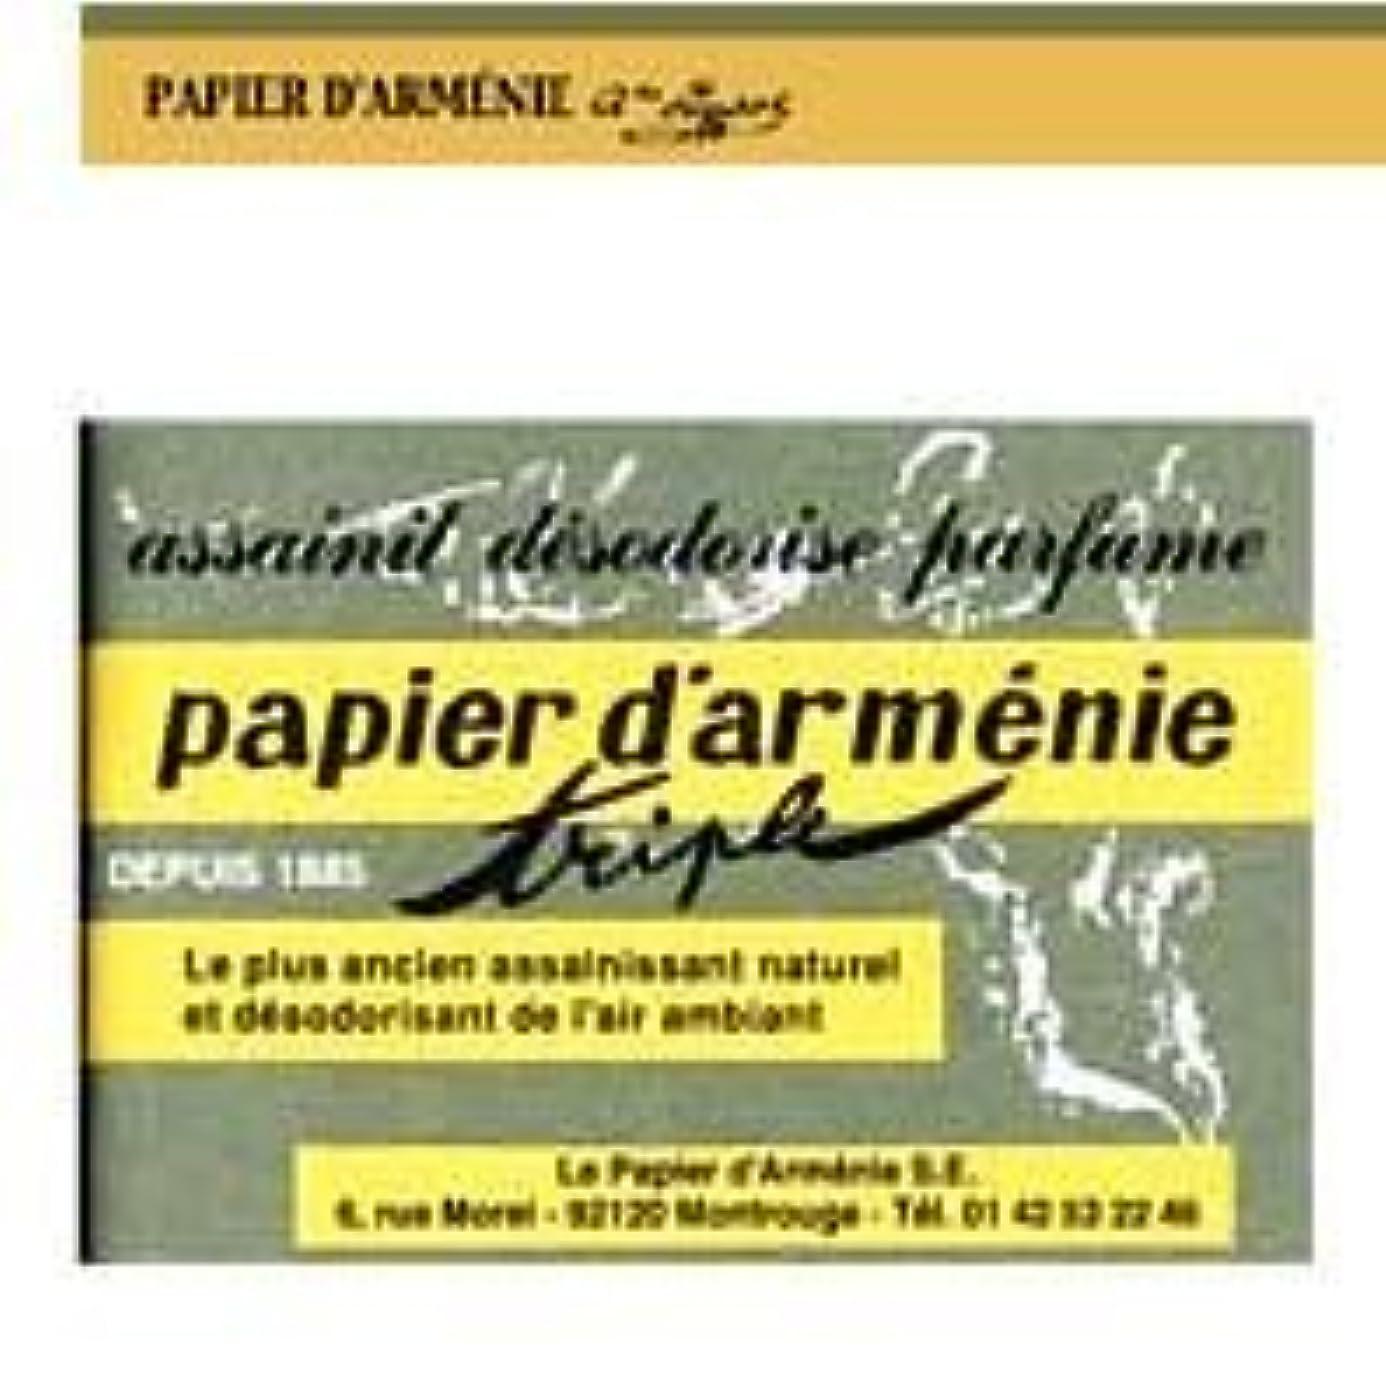 憤る社会科ビデオパピエダルメニイ 空気を浄化する紙のお香パピエダルメニイ トリプル ヨーロッパ雑貨